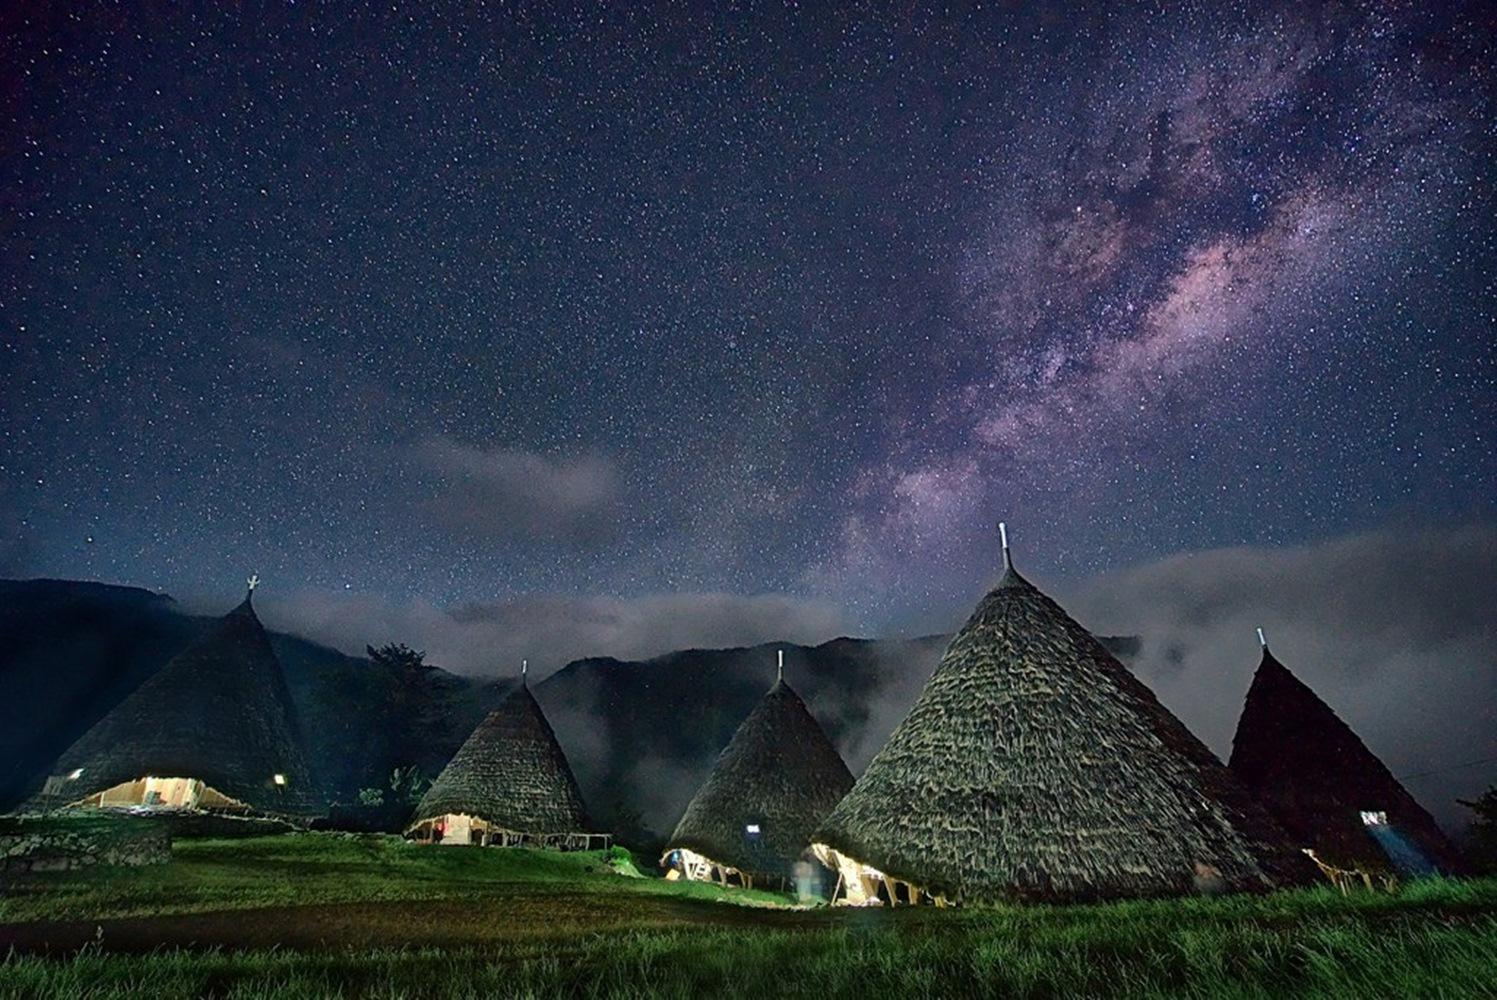 Menjadi Salah Satu Surga di Bumi, Kampung adat Wae Rebo Wajib Kamu Kunjungi 4